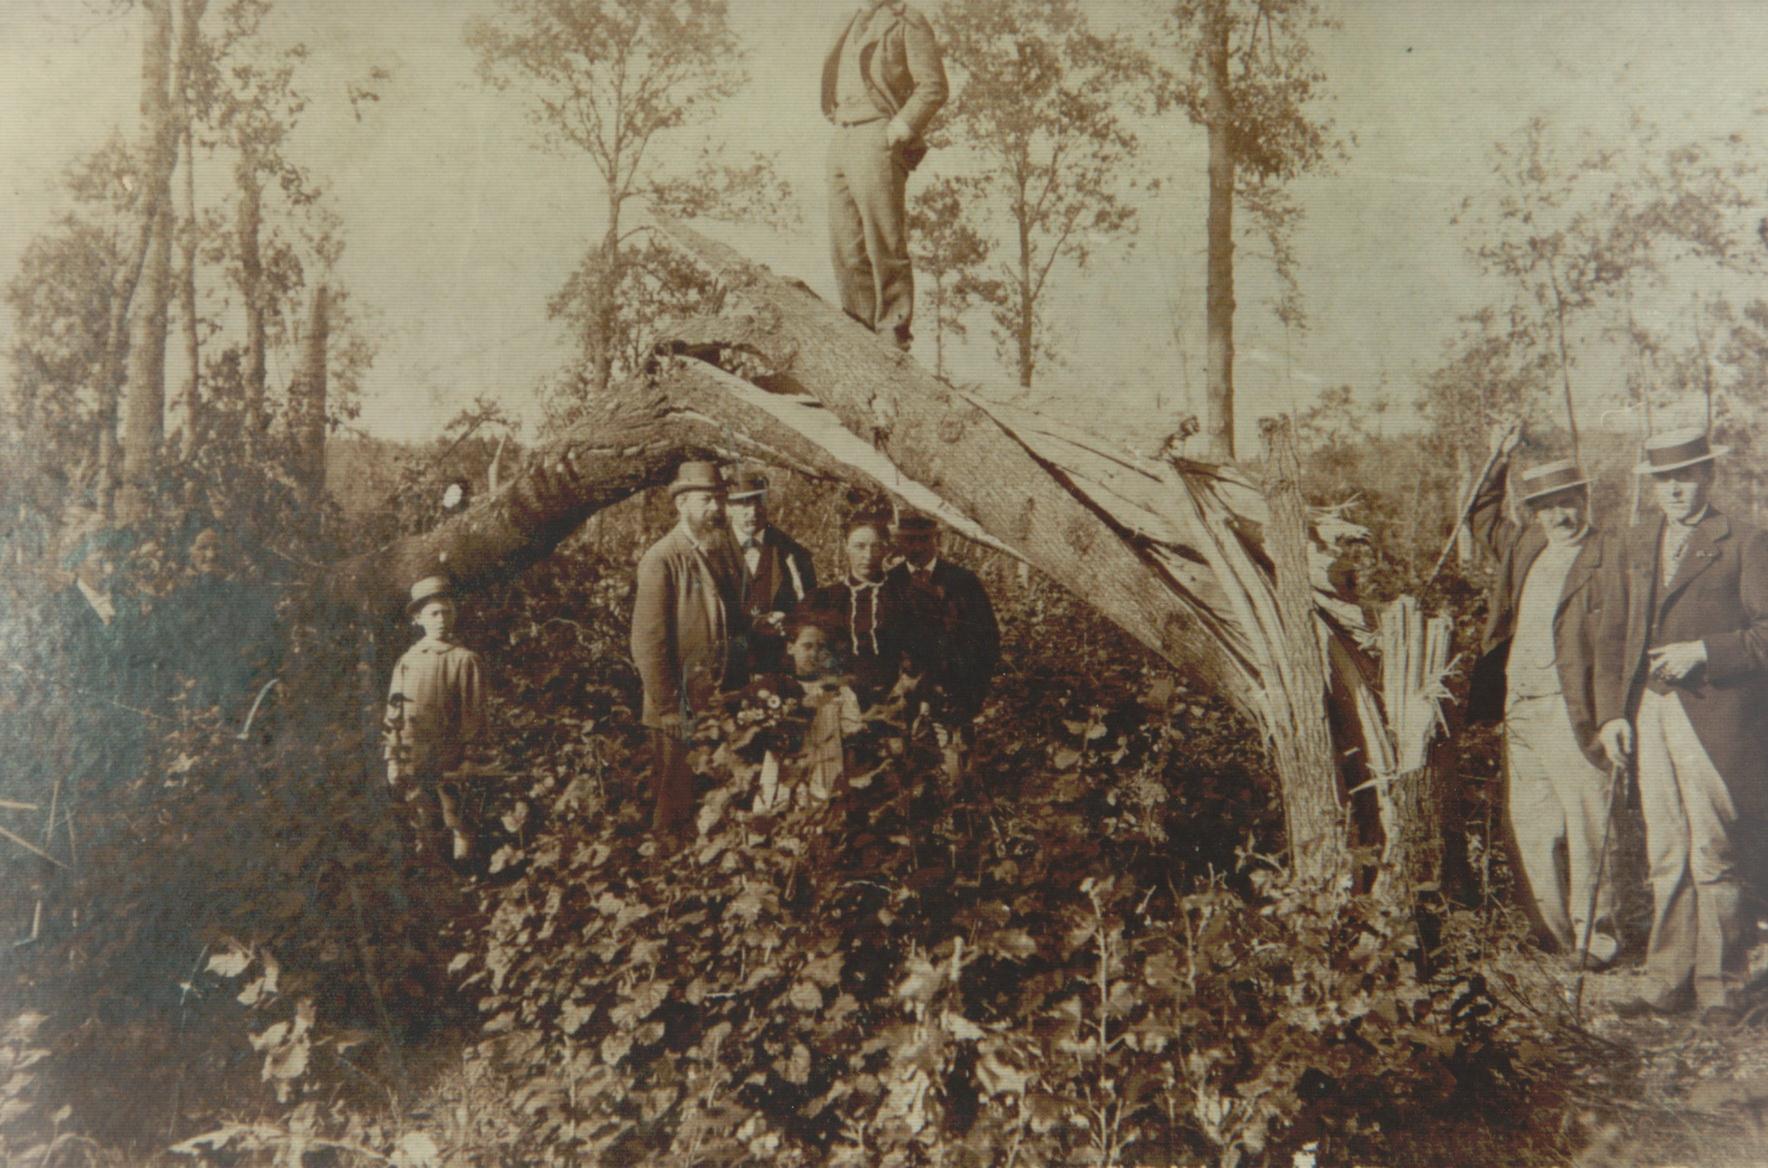 Cyclone de 1895 à Froidmont Collection Cercle d'Histoire de Rixensart